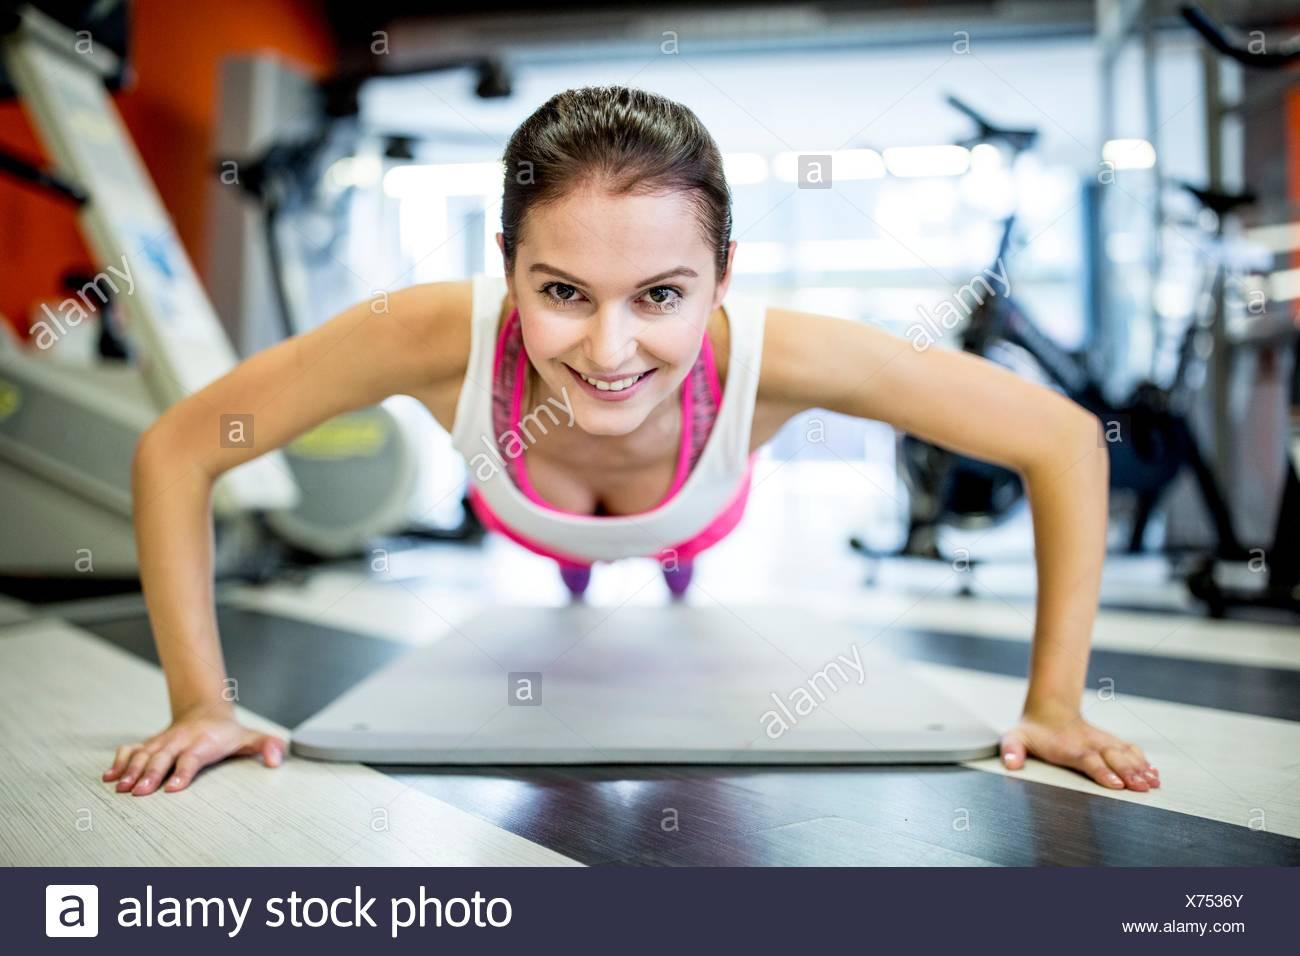 EIGENTUM FREIGEGEBEN. -MODELL VERÖFFENTLICHT. Porträt der jungen Frau Liegestütz im Fitness-Studio zu tun. Stockbild